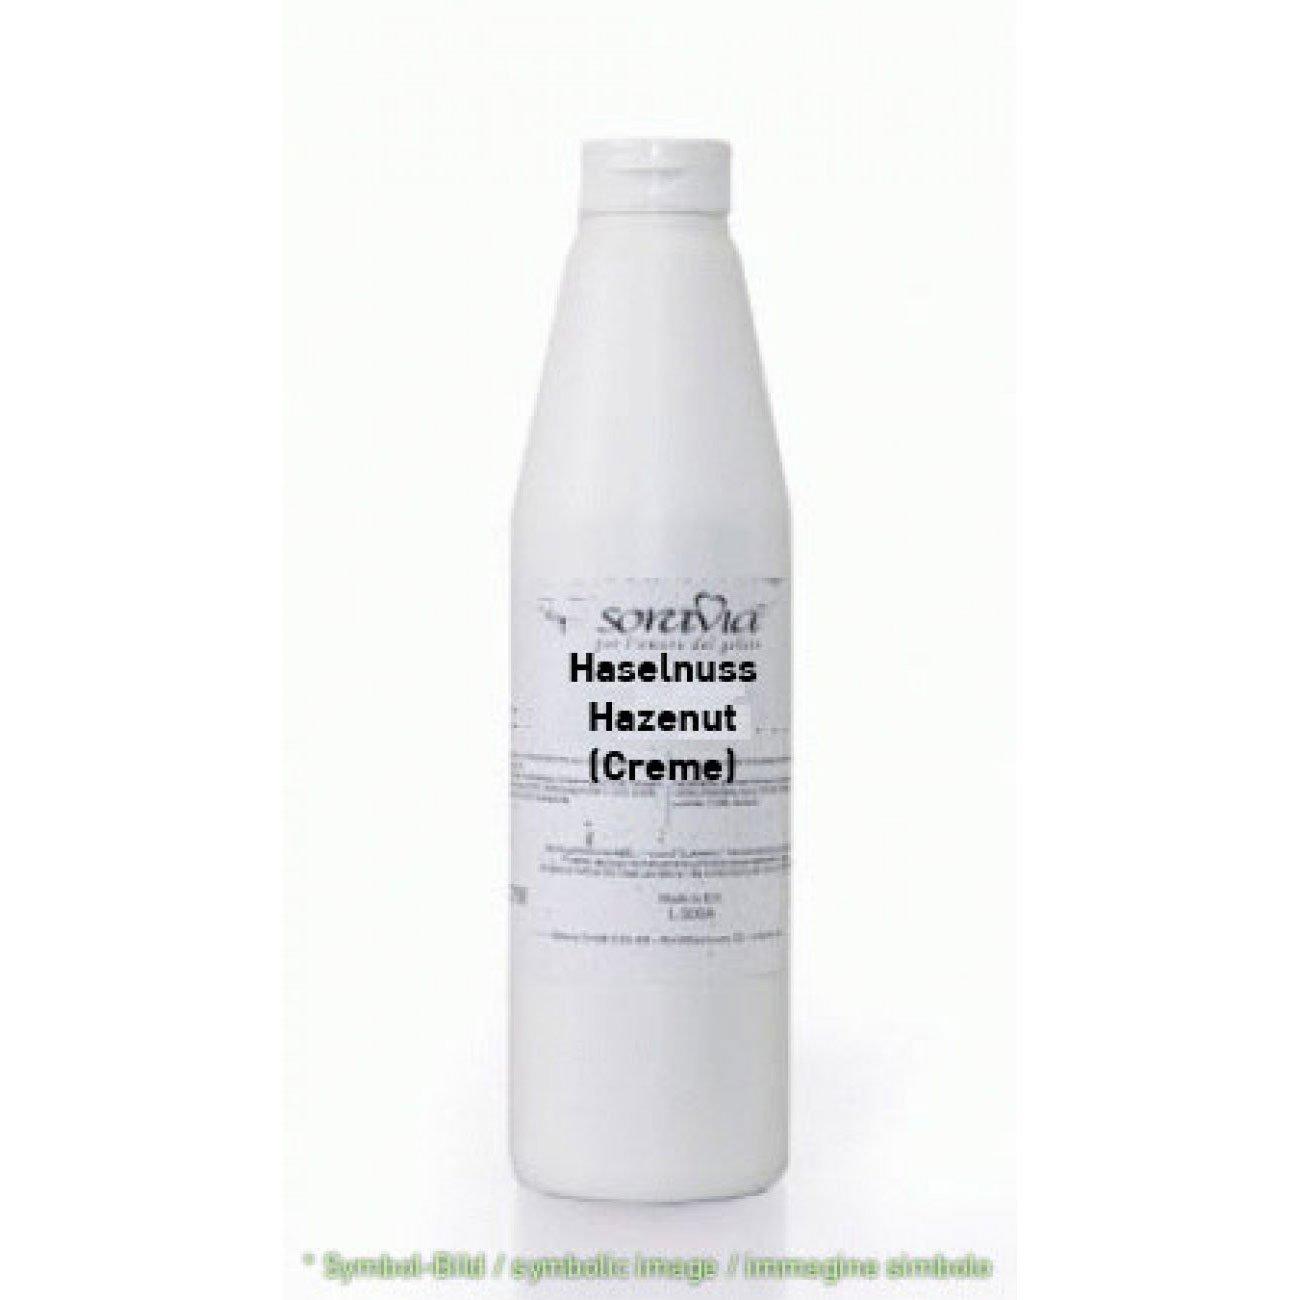 hazelnut creme - bottle 1,00 kg